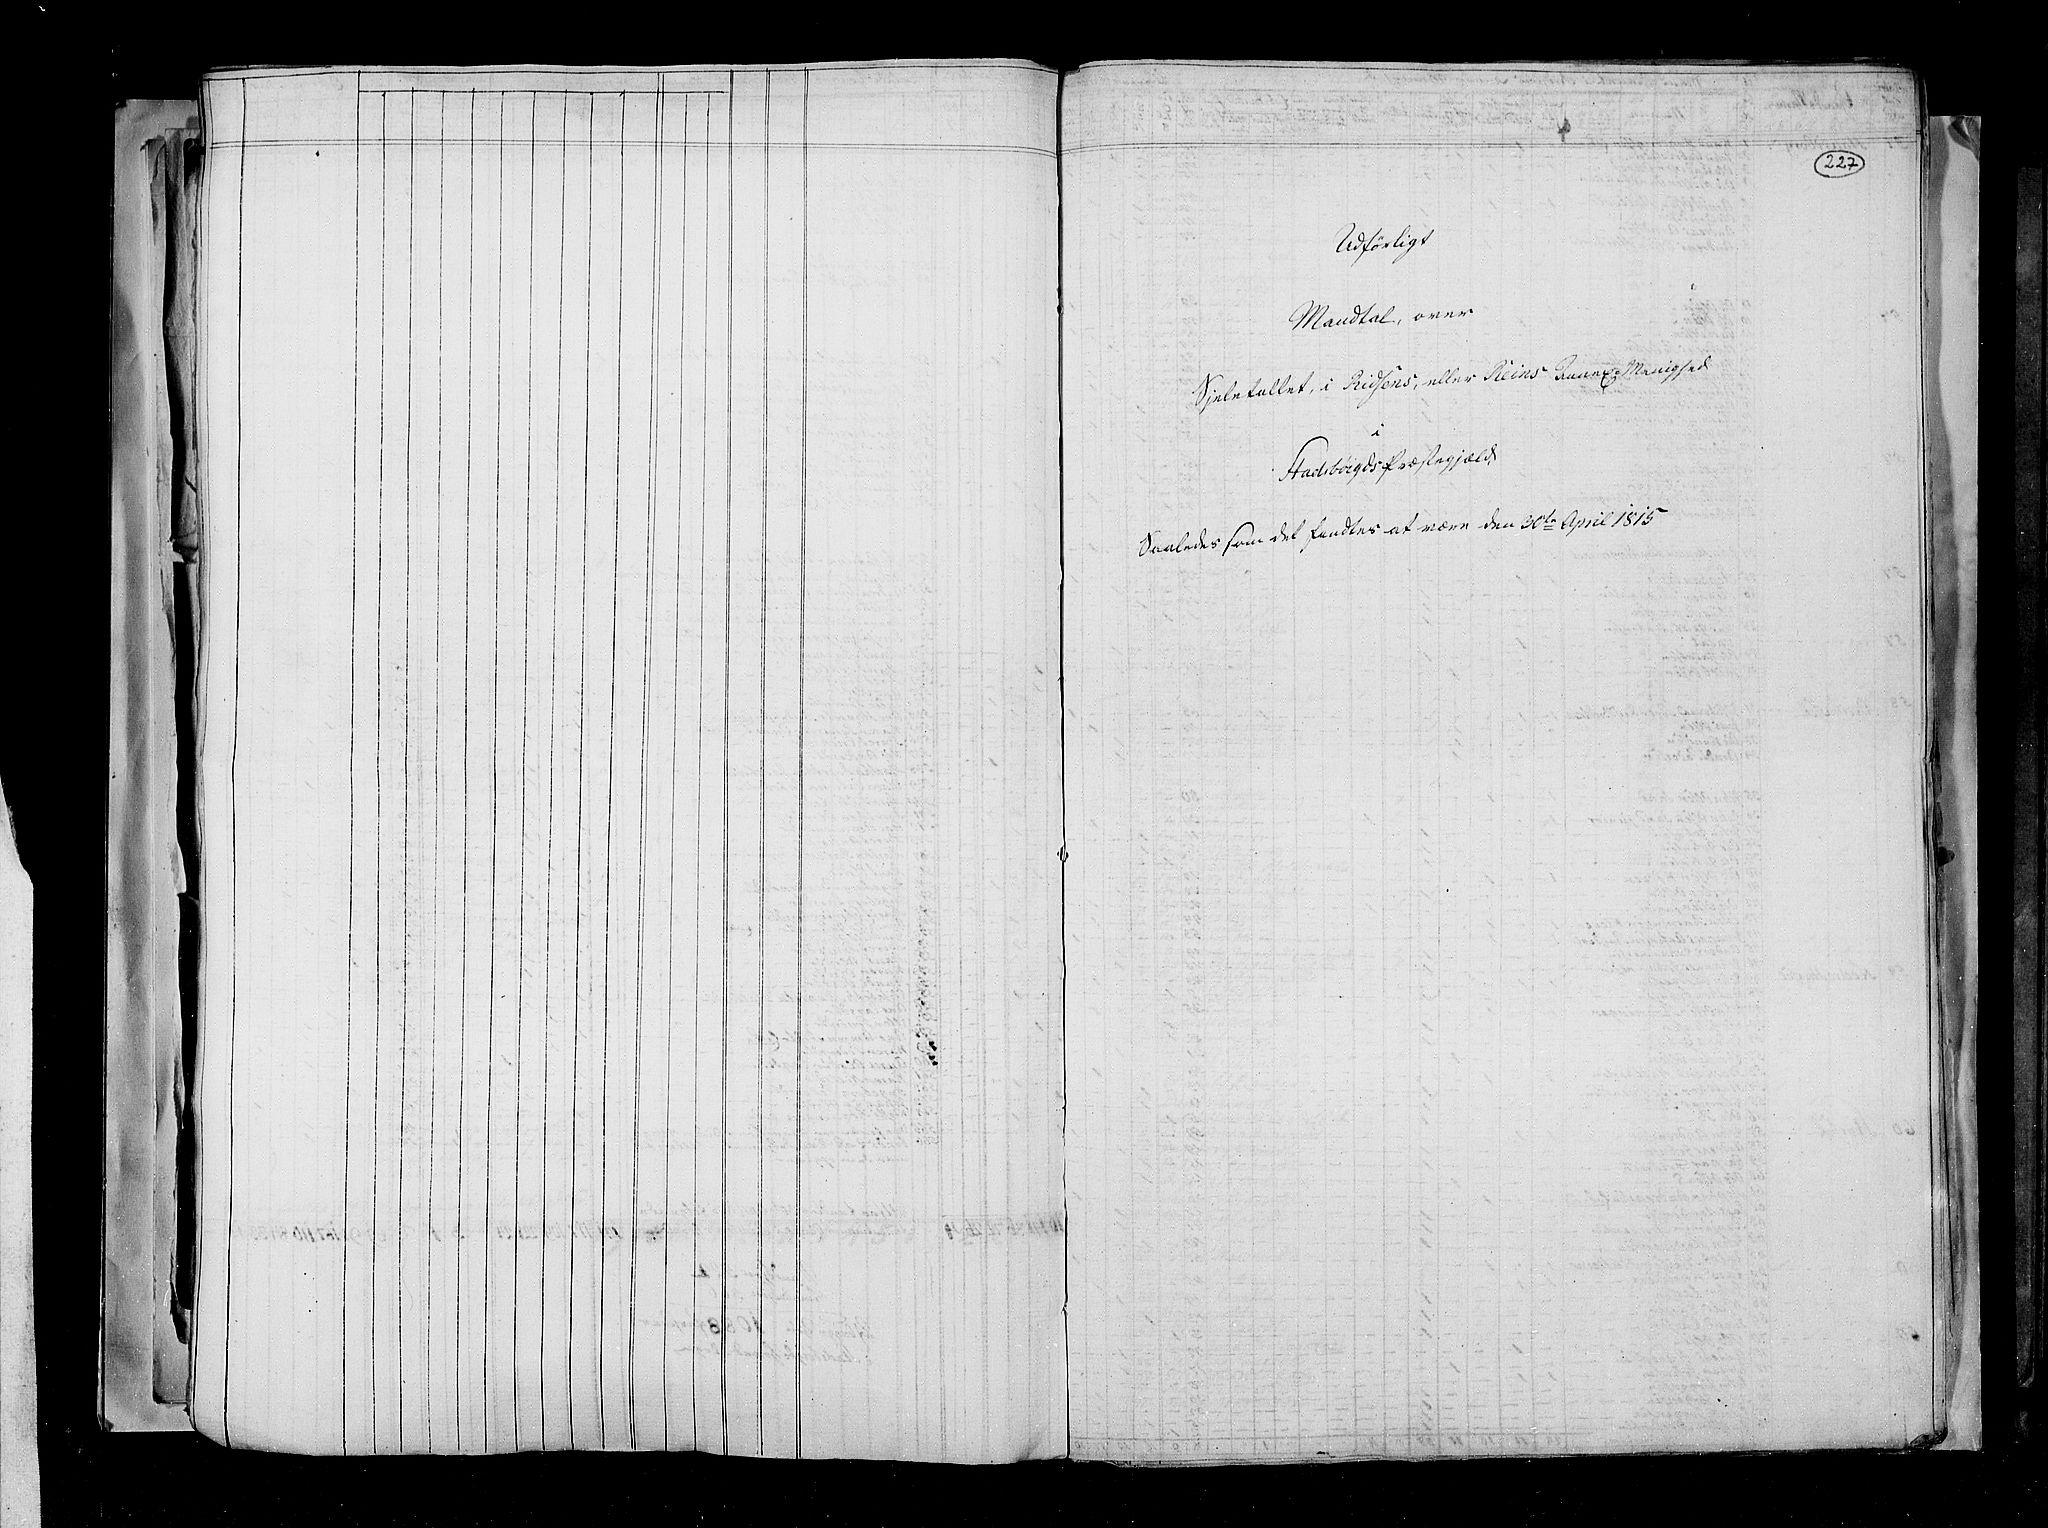 RA, Folketellingen 1815, bind 2: Bergen stift og Trondheim stift, 1815, s. 145